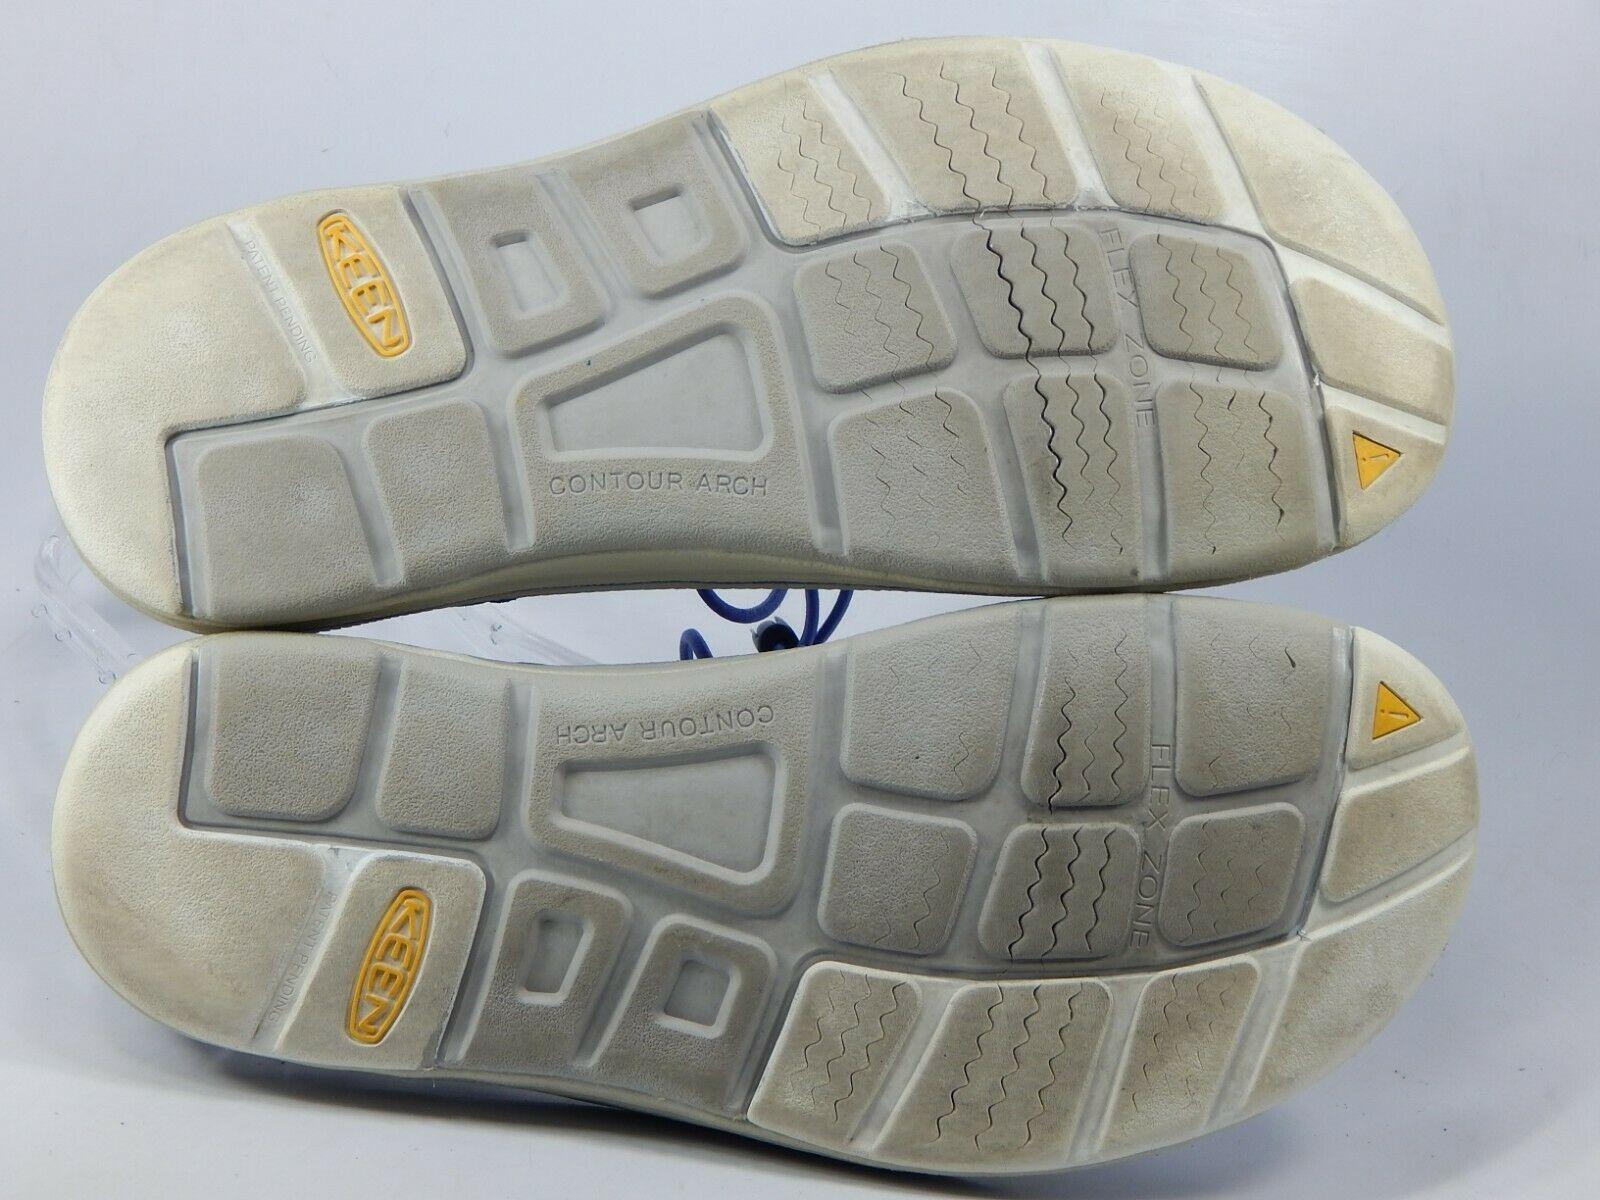 Keen Uneek Slice Fade Sz 10 M (B) EU 40.5 Women's Outdoor Sports Sandals 1014631